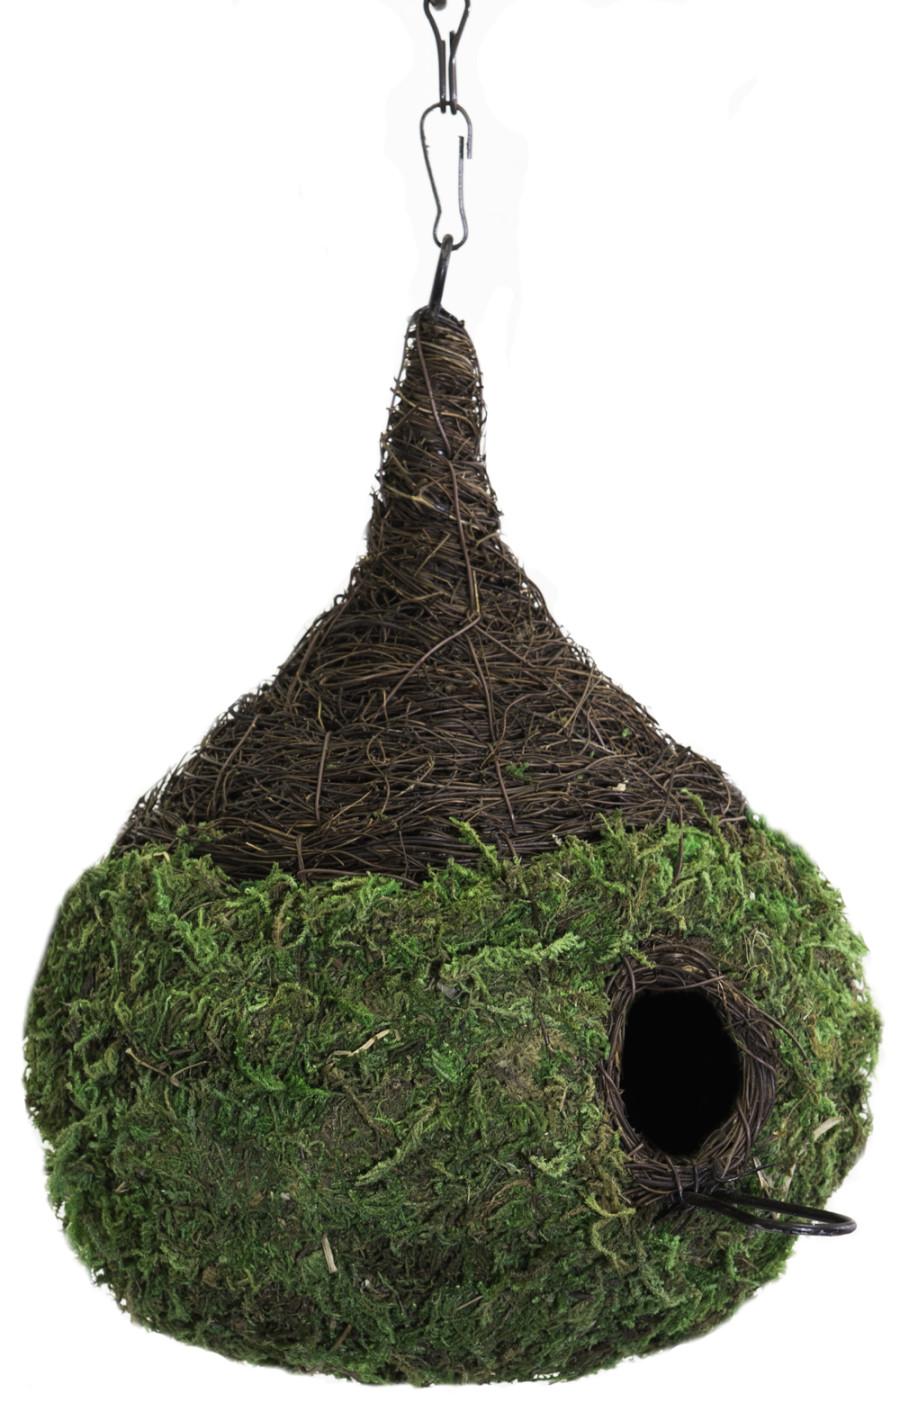 Supermoss Raindrop Woven Birdhouse